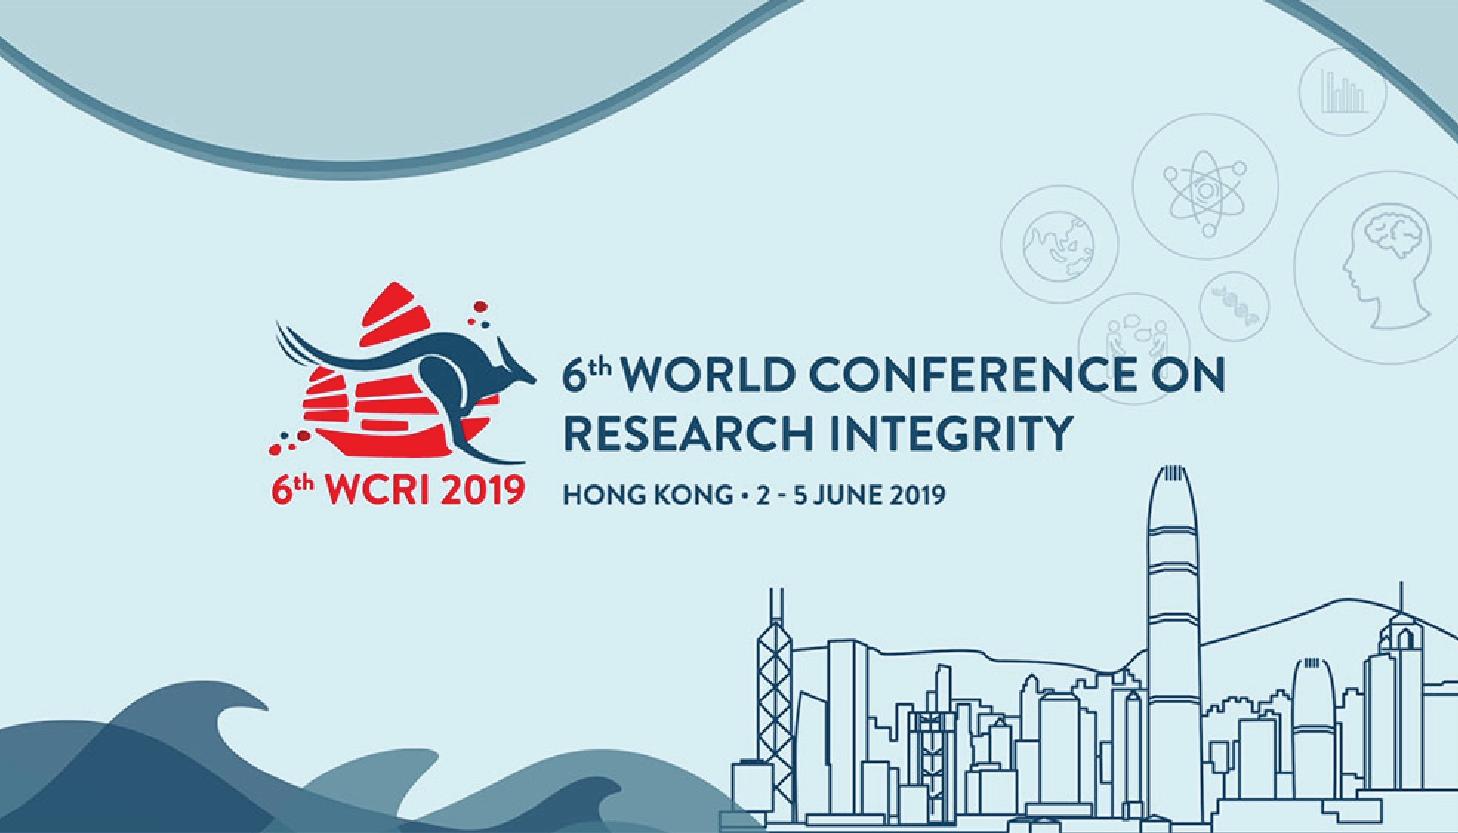 香港舉辦第六屆世界研究倫理大會(WCRI)